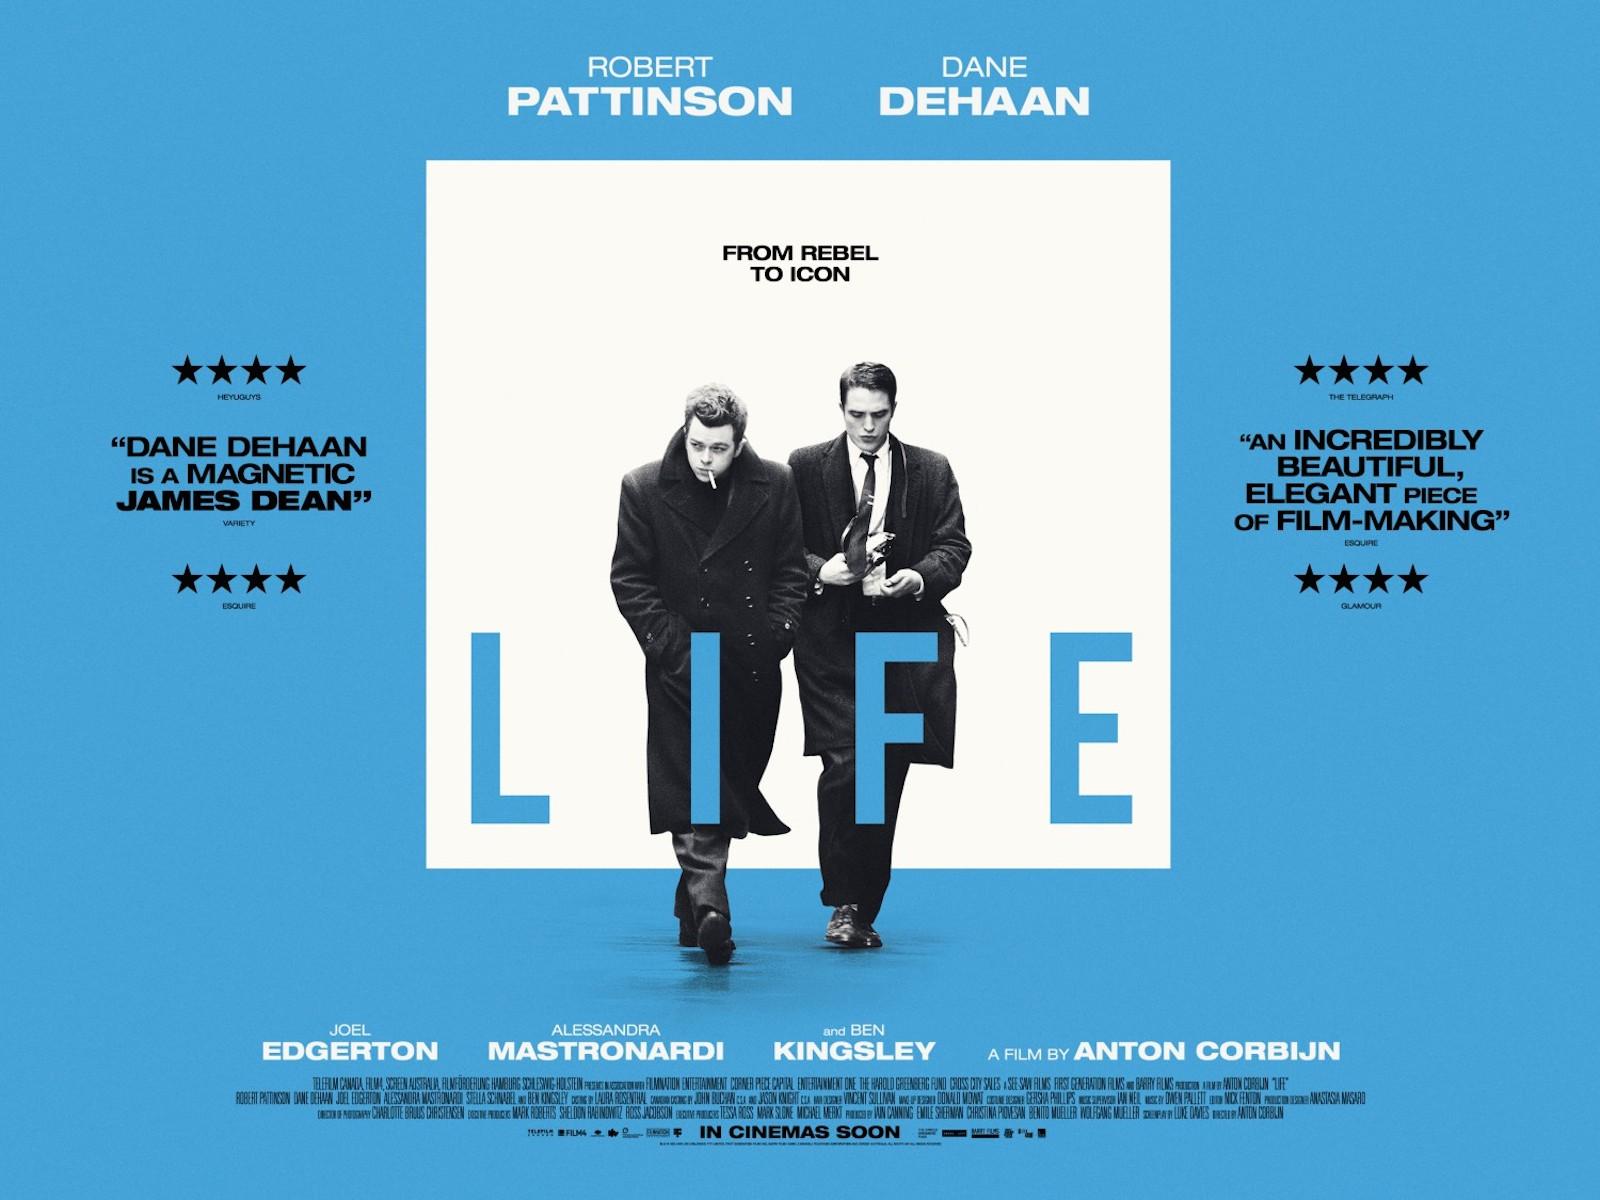 LIFE film directed by ANTON CORBIJN